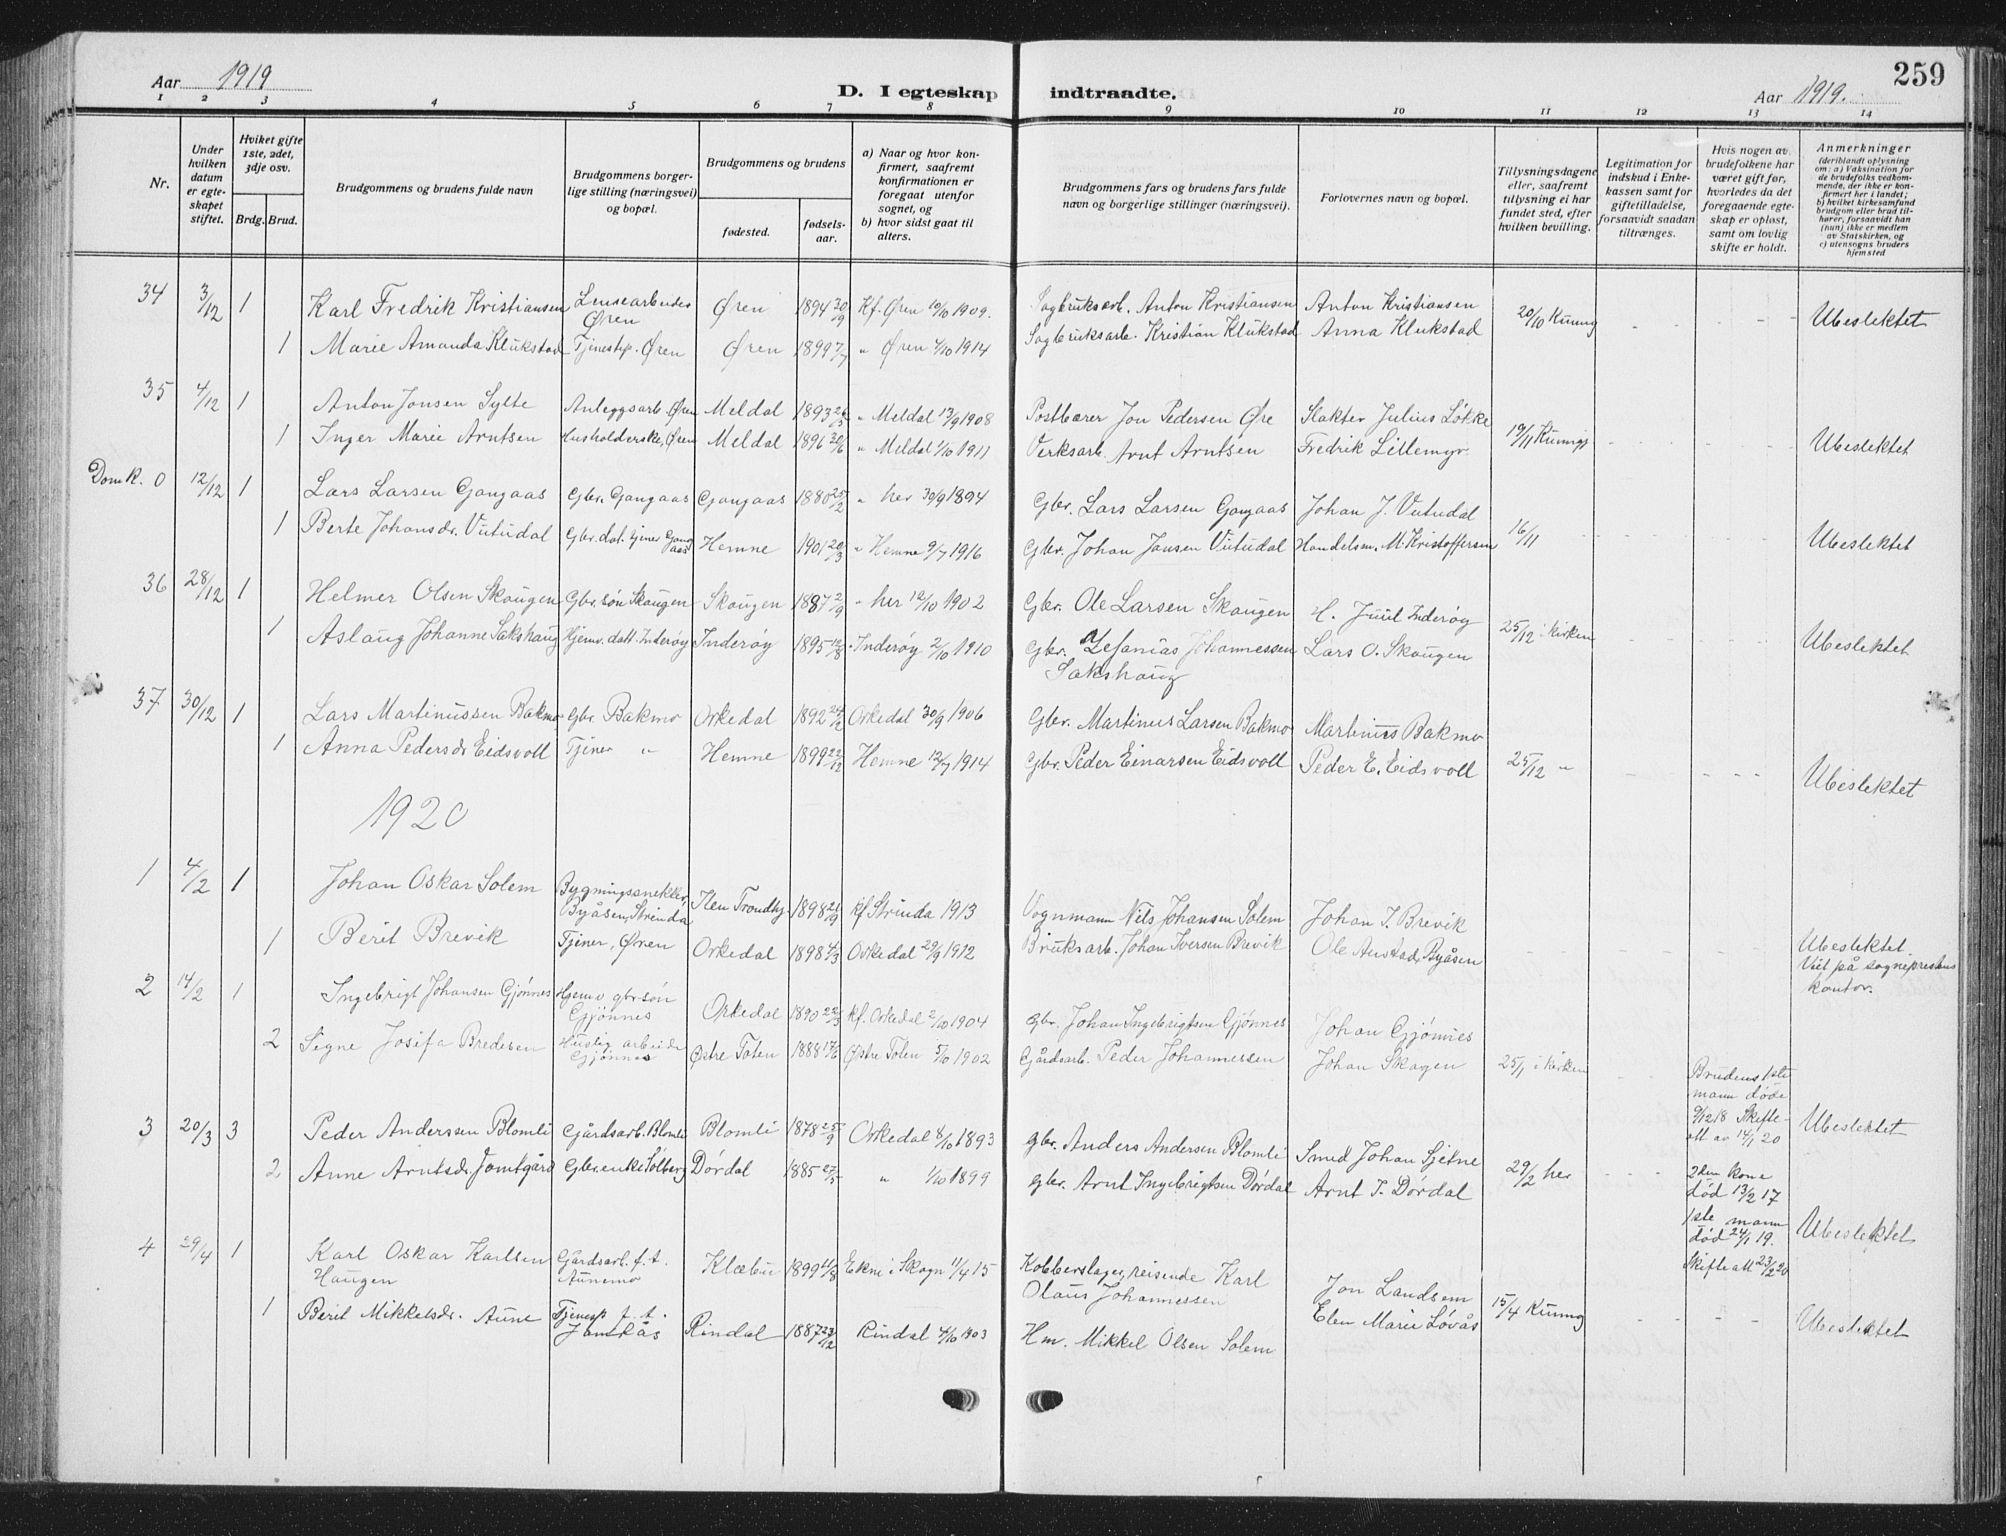 SAT, Ministerialprotokoller, klokkerbøker og fødselsregistre - Sør-Trøndelag, 668/L0820: Klokkerbok nr. 668C09, 1912-1936, s. 259